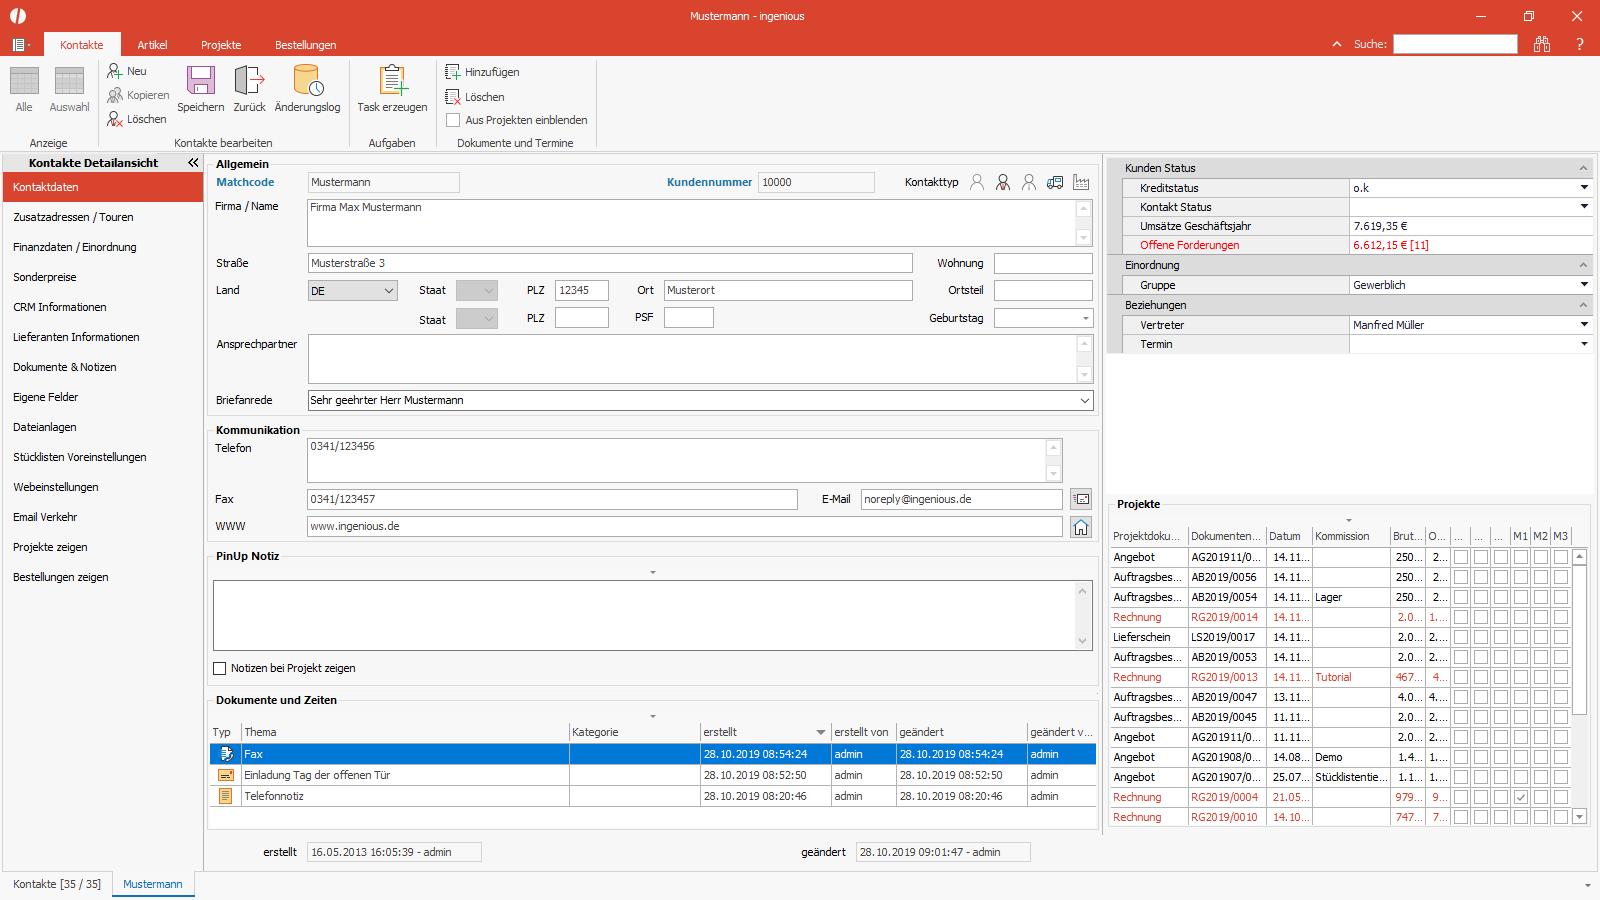 Ingenious Software Kontakte Detailansicht Dashboard